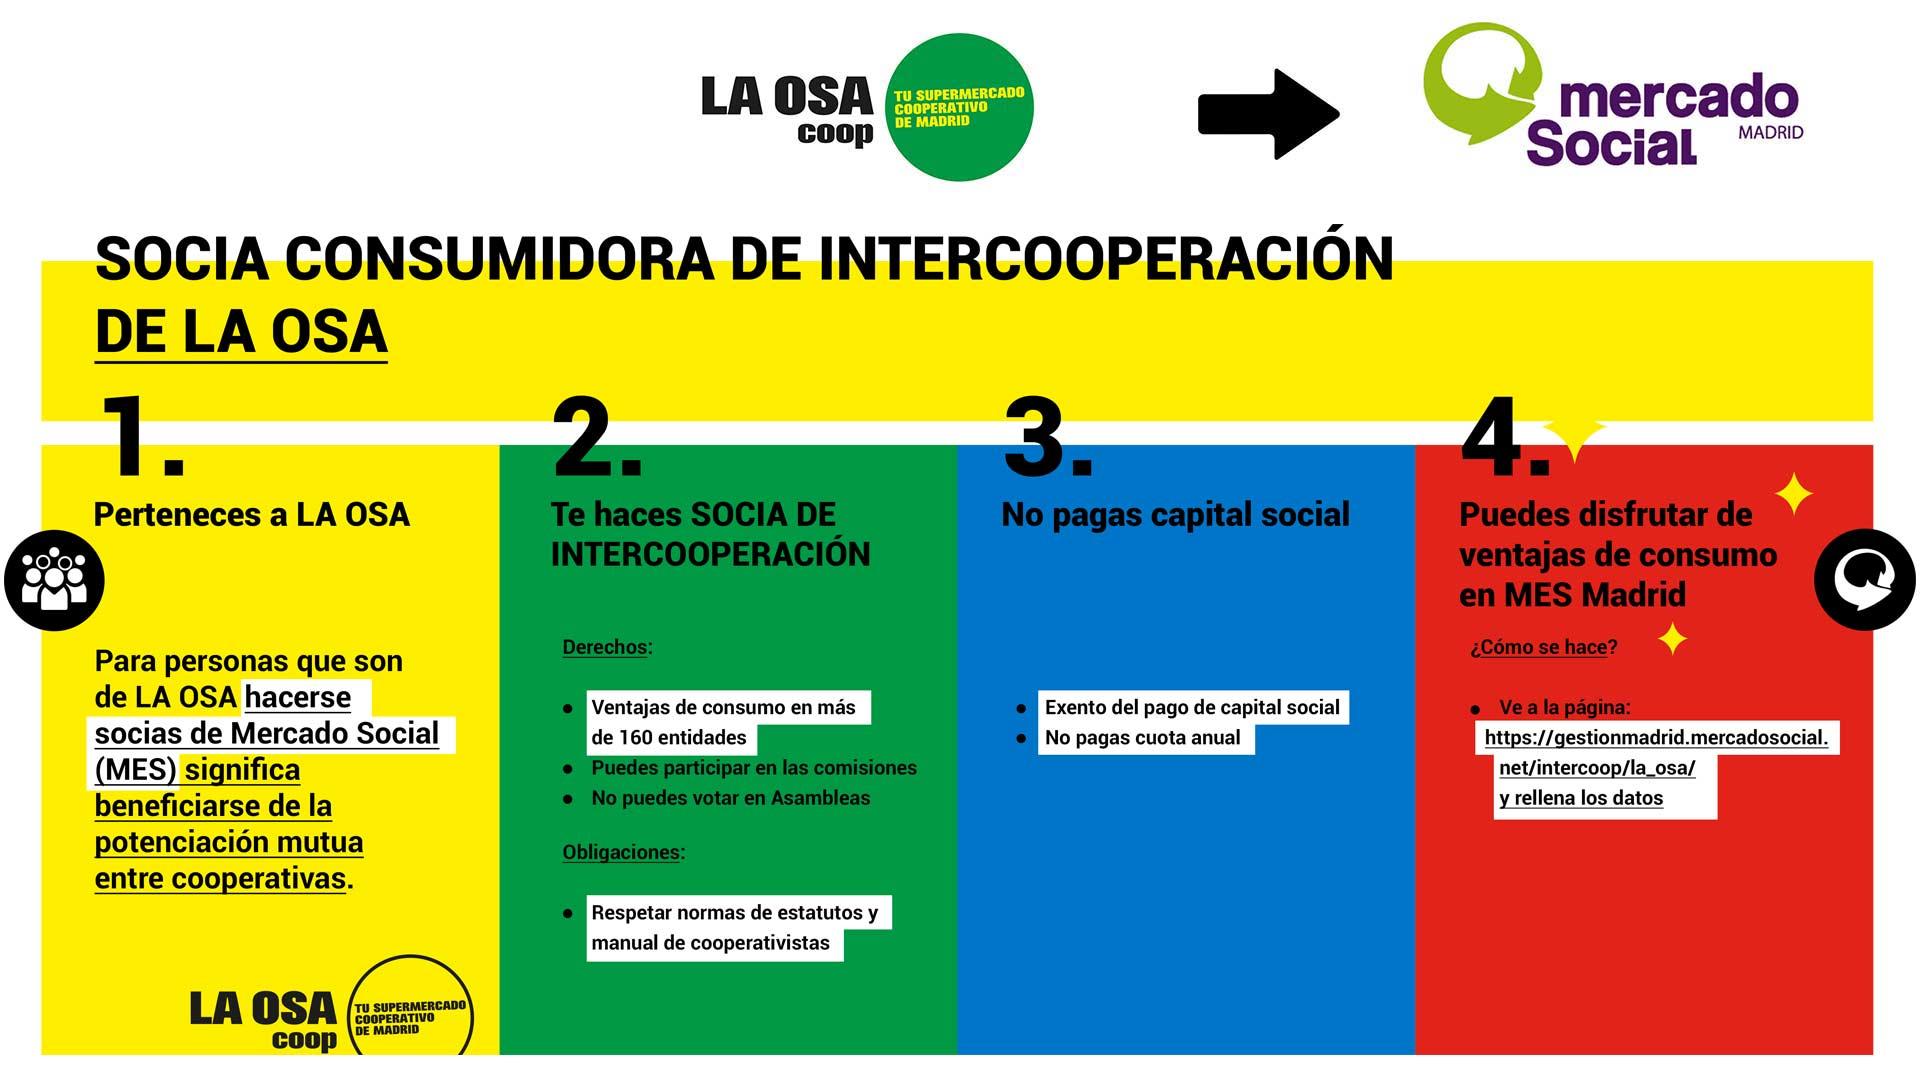 Acuerdo LA OSA - MES Madrid